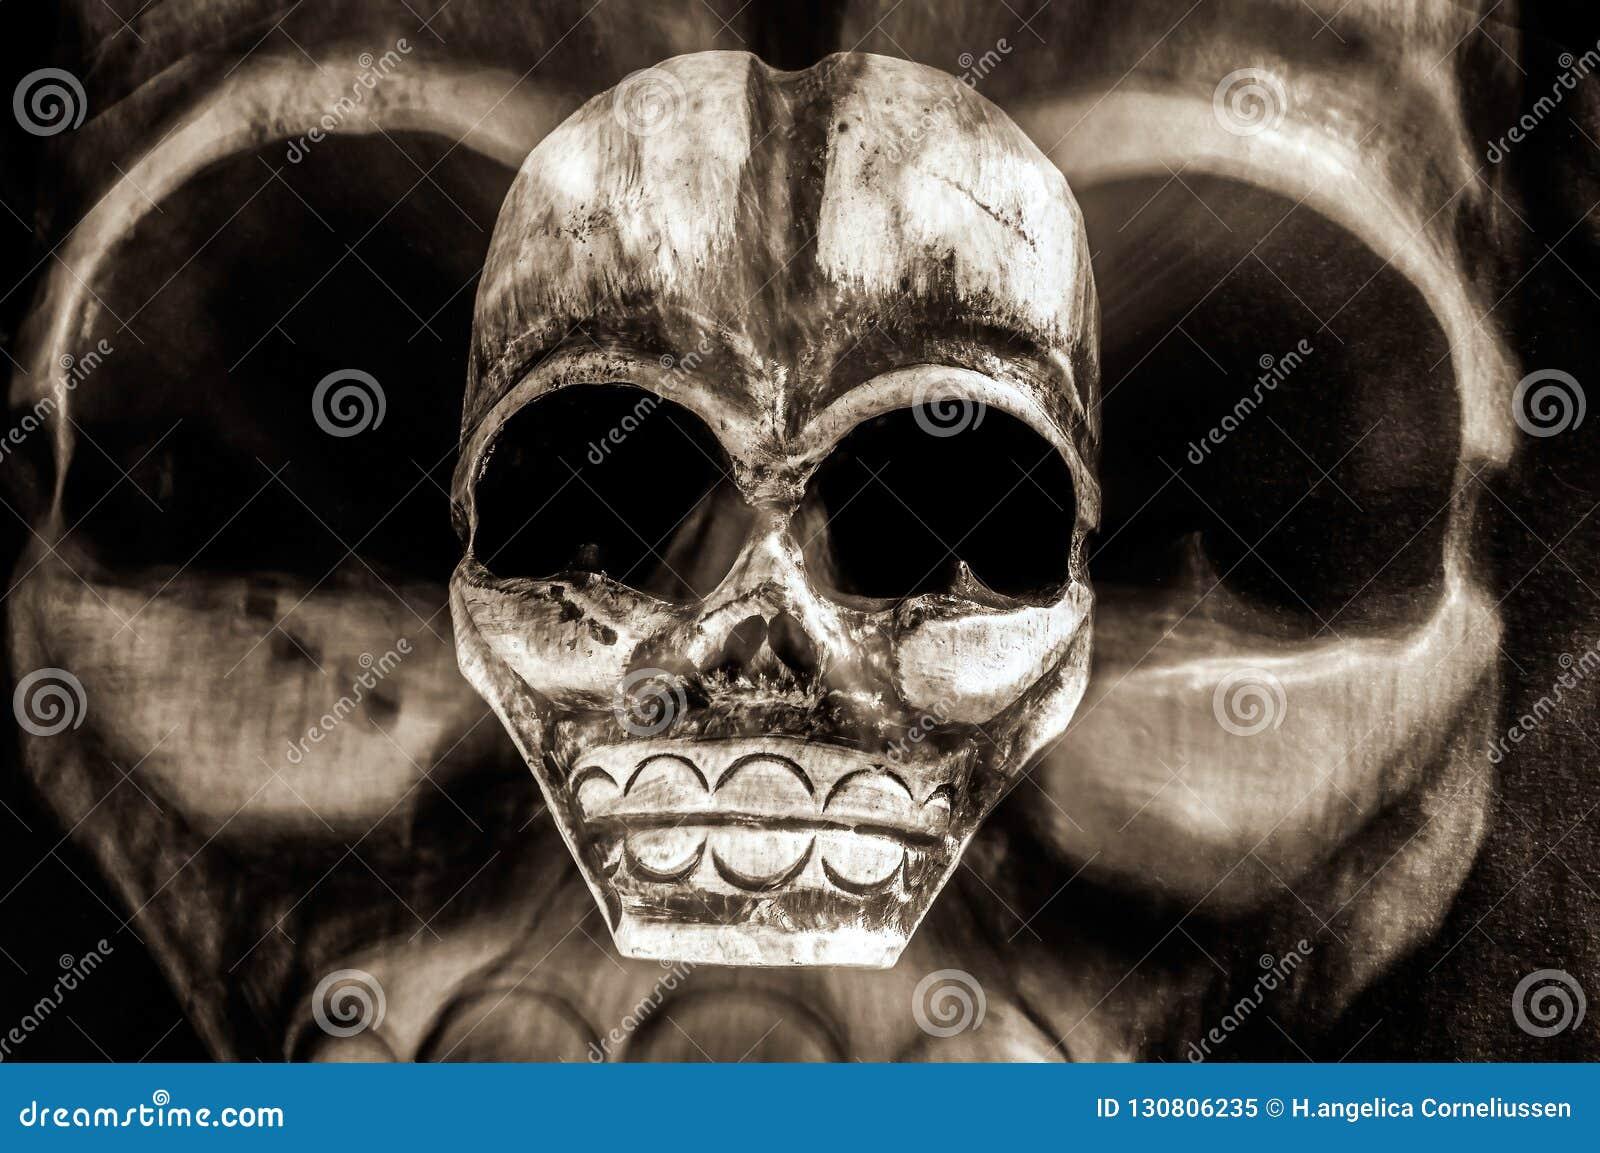 Enge dag van het de dode en stammenschedelmasker van Halloween - Concept gevaar, dood, vrees en vergift - Gotische griezelig